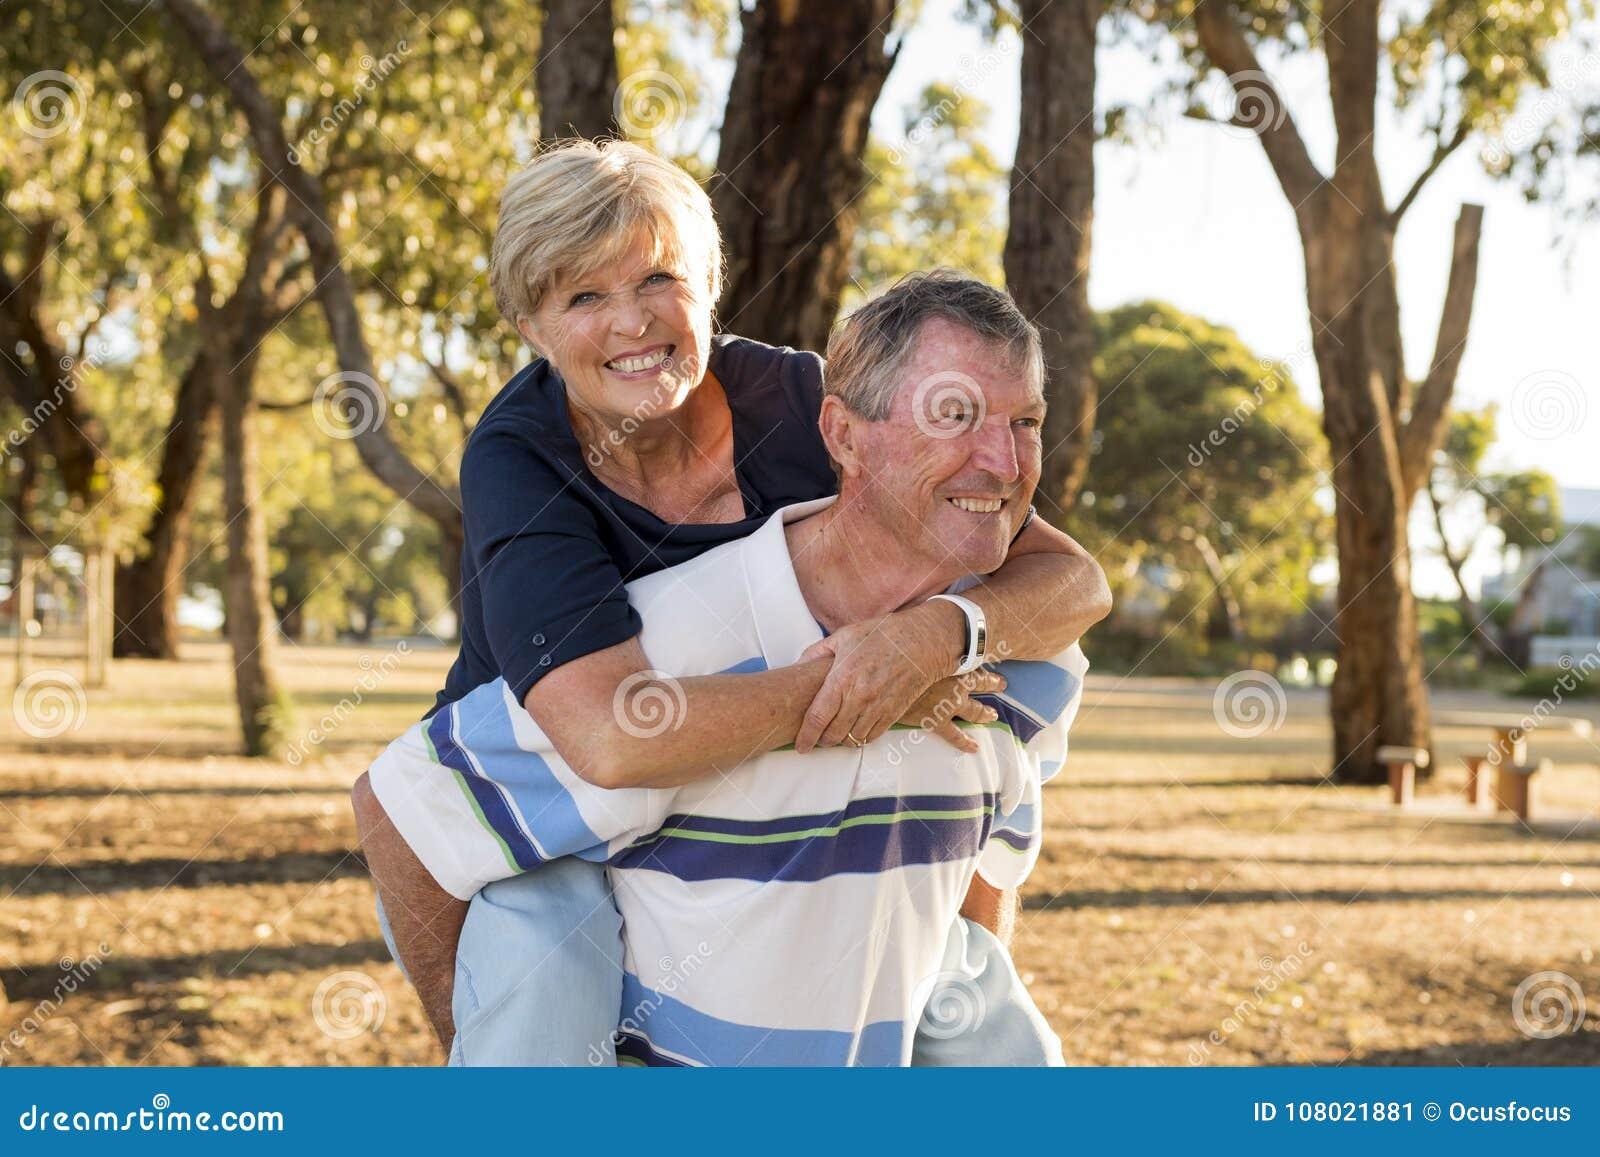 Retrato de pares maduros bonitos e felizes superiores americanos ao redor 70 anos de amor velho e afeição mostrando que sorriem j